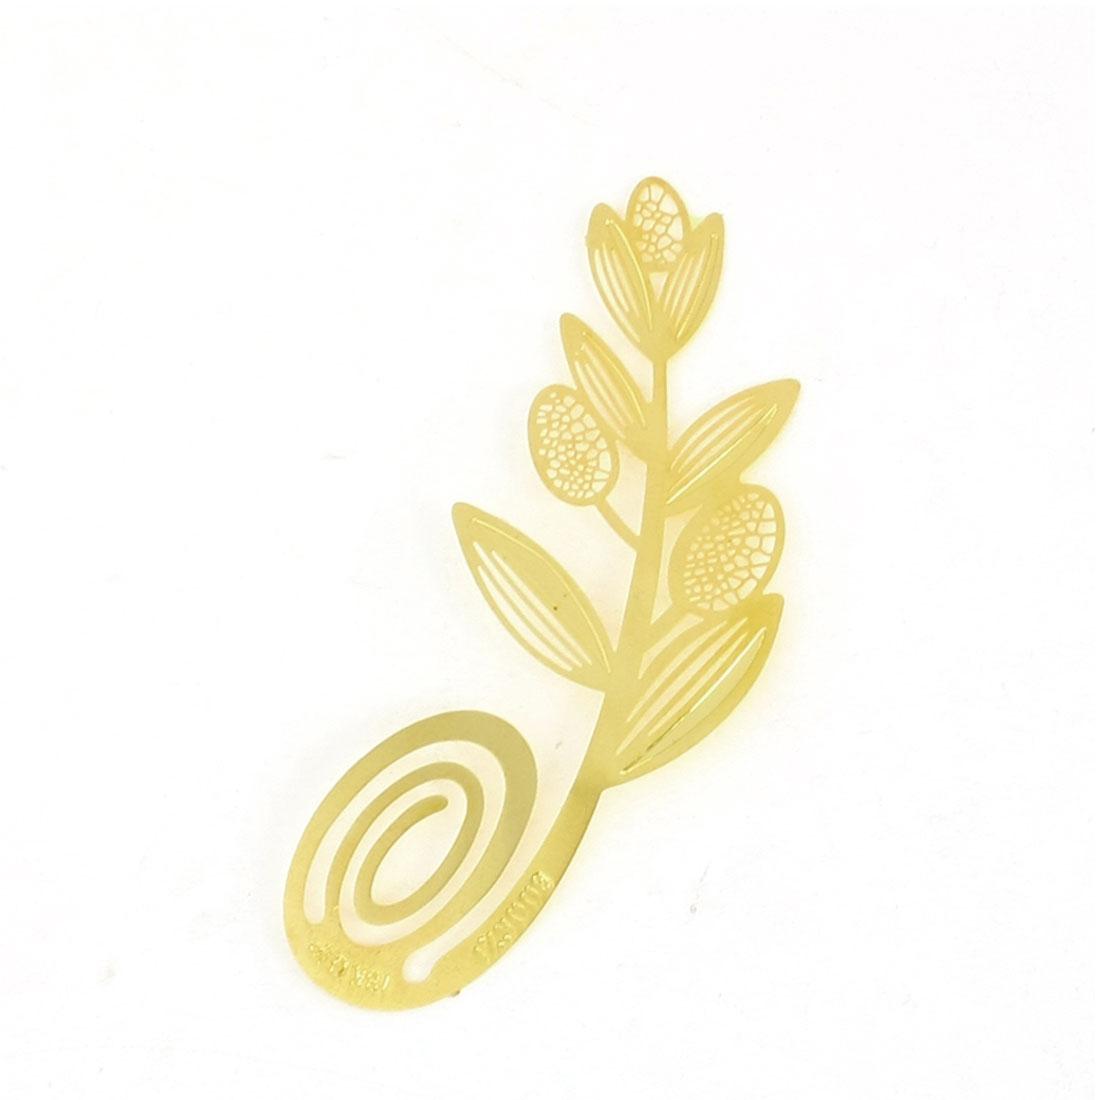 Gold Tone Metal Leaf Shape Page Holder Bookmark for Reader